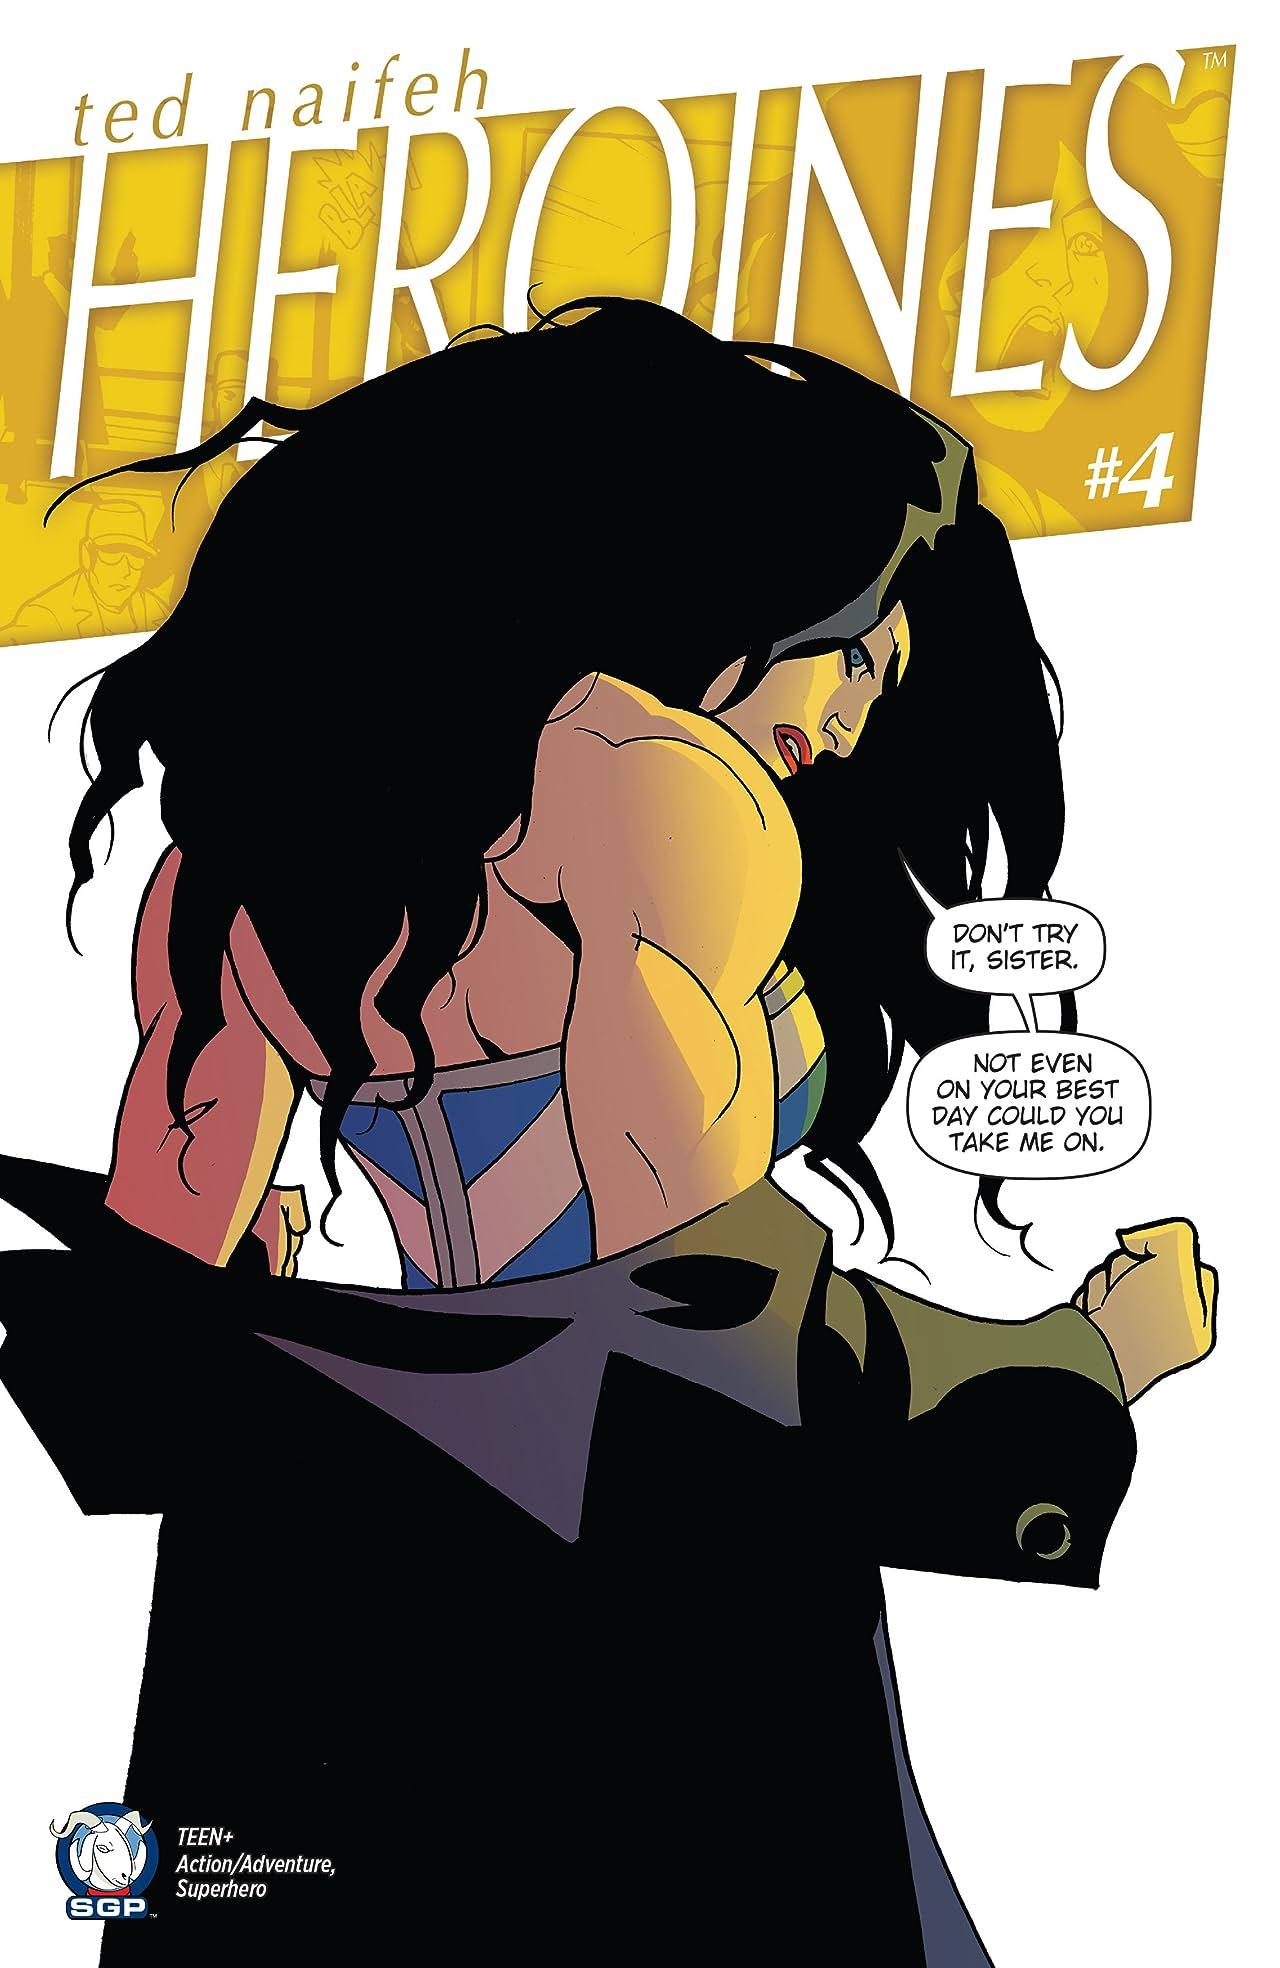 Heroines #4